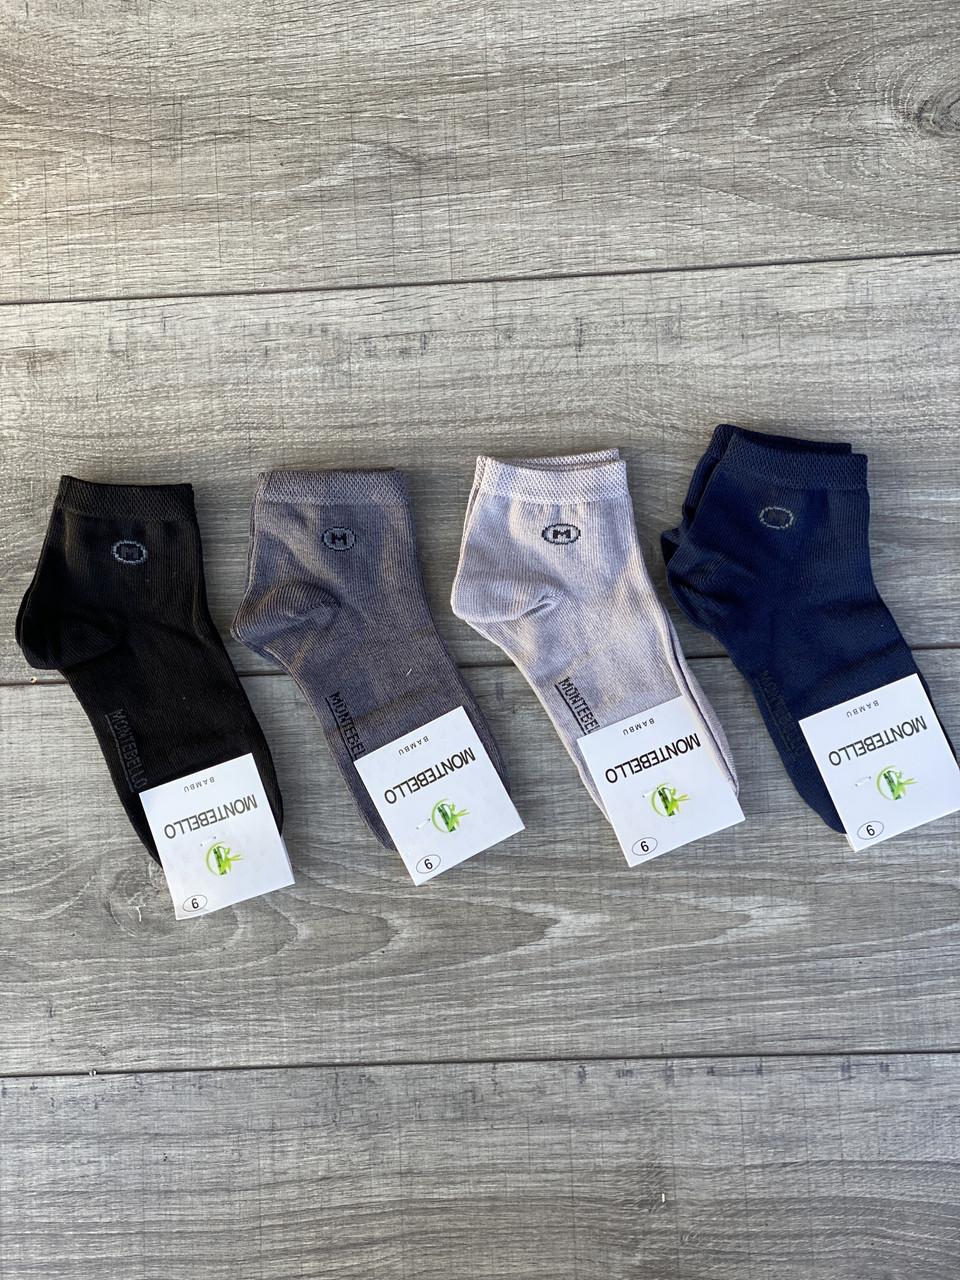 Підліткові шкарпетки бамбук Montebello для хлопчиків з буквою М 3,5,7,9,11 років 12 шт в уп мікс 4 кольорів